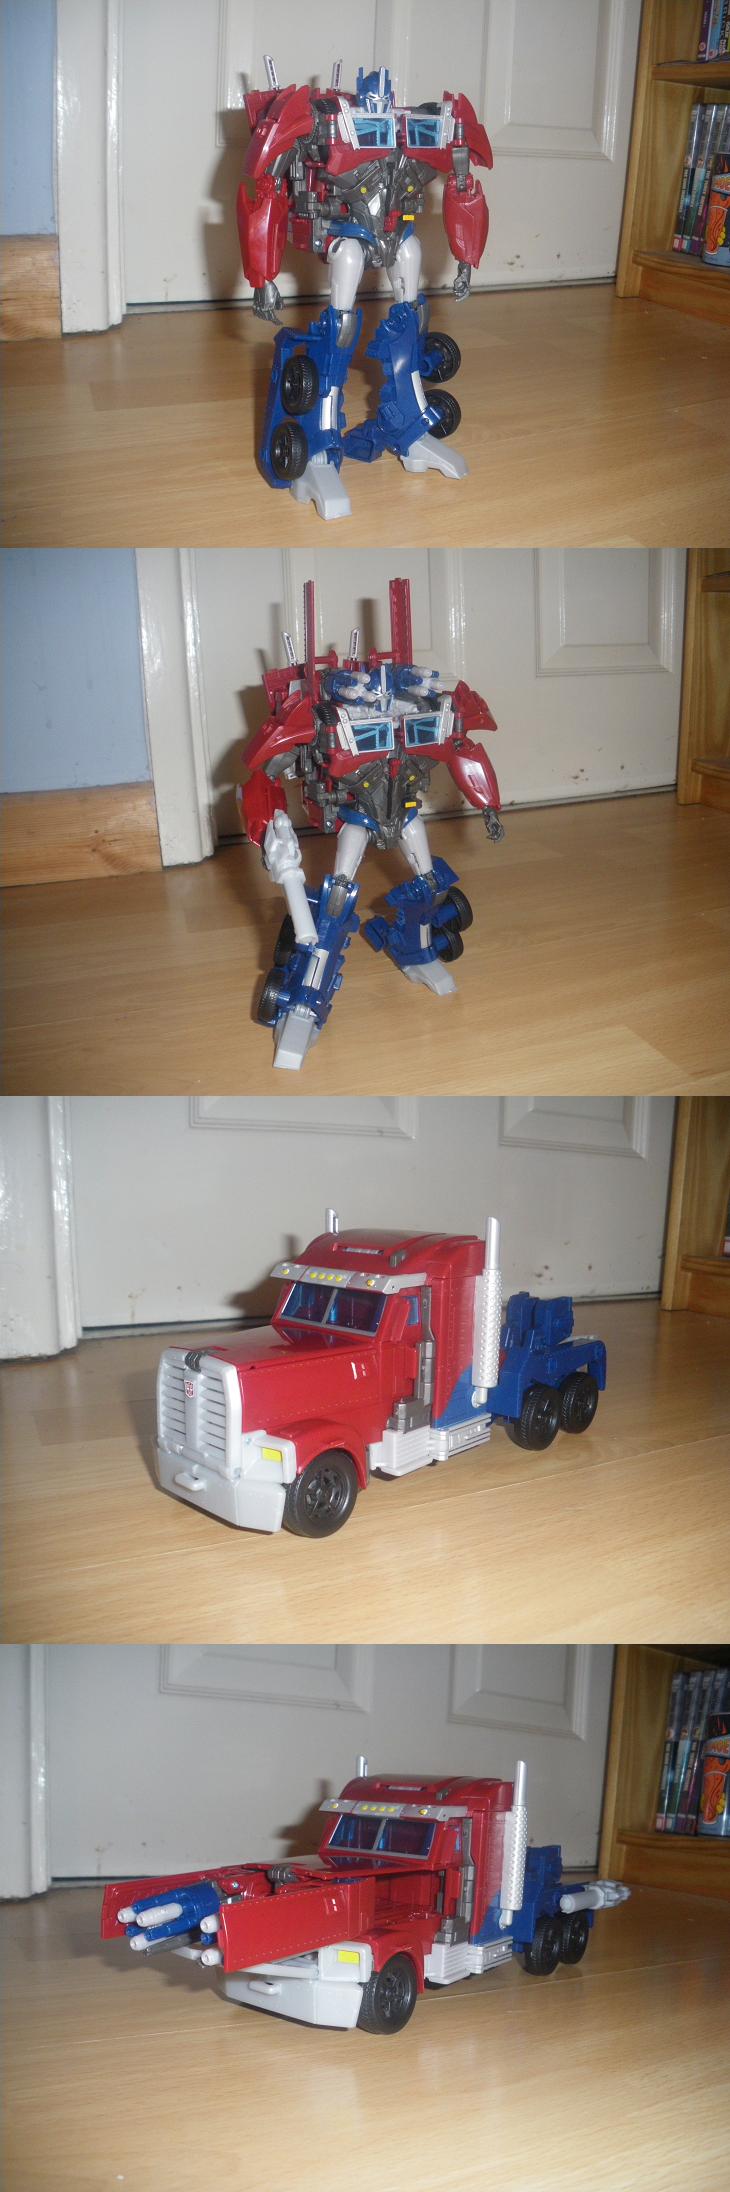 TFP Weaponizer - Optimus Prime by KrytenMarkGen-0